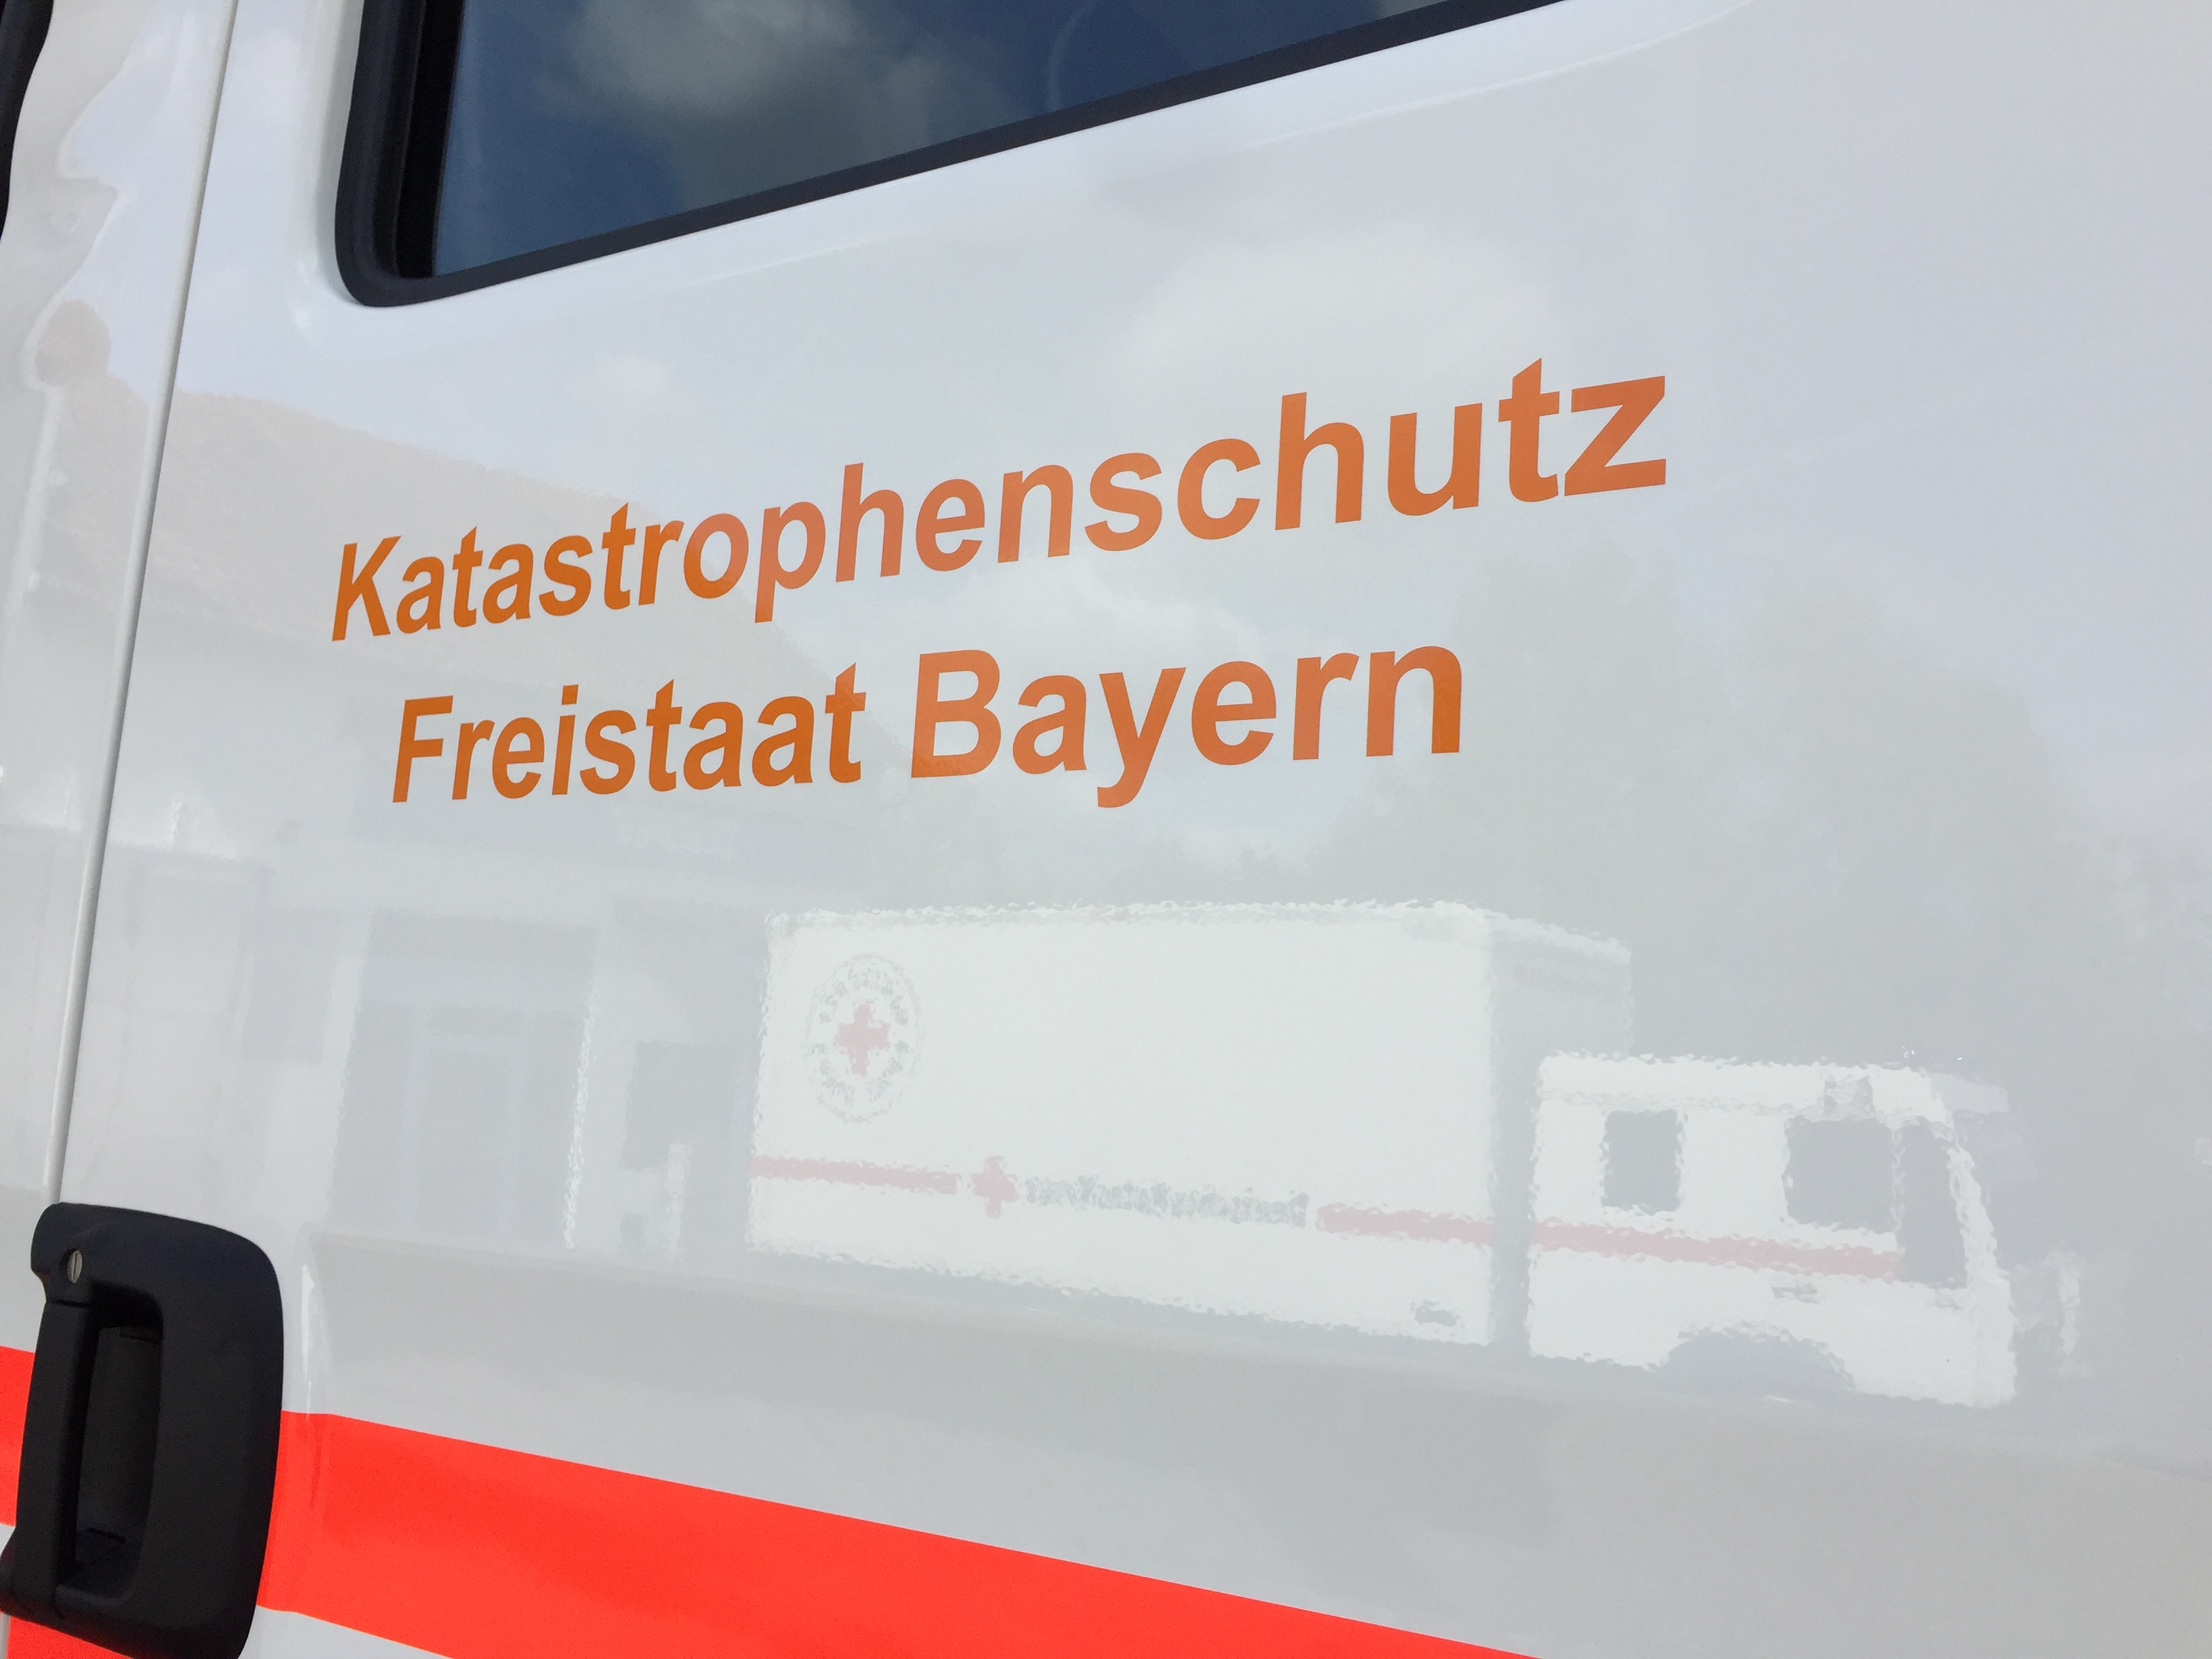 Finanziert vom Freistaat Bayern für den Kathastrophenschutz